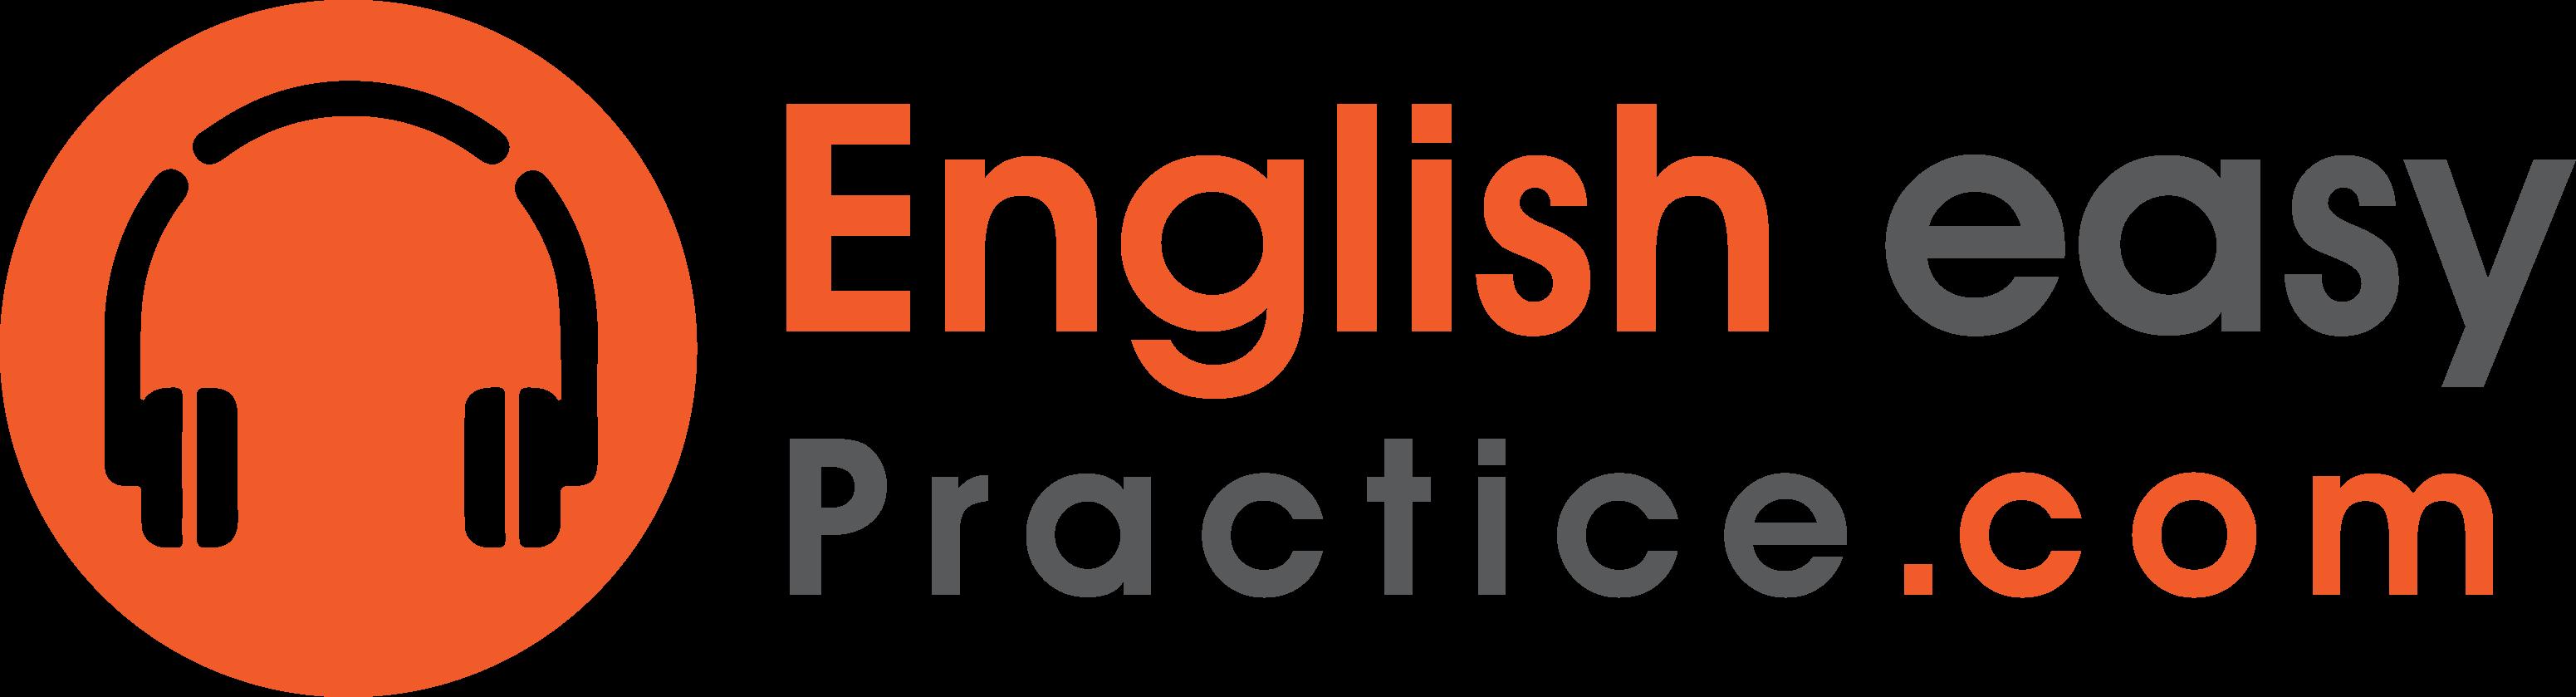 English Easy Practice